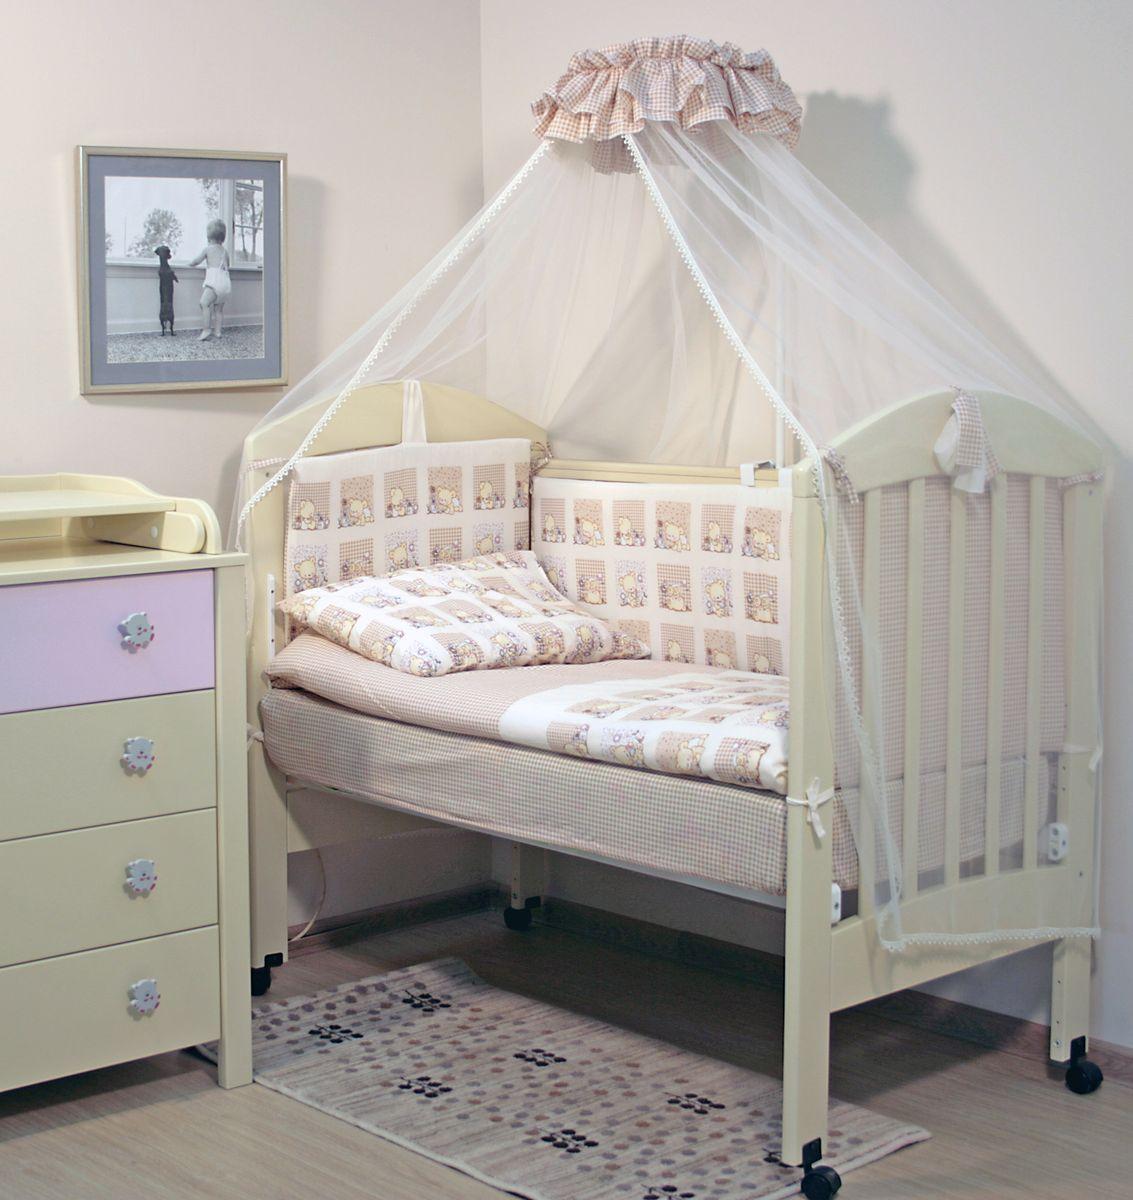 Комплект постельного белья из 7 предметов включает все необходимые элементы для детской кроватки. Комплект создает для Вашего ребенка  уют, комфорт и безопасную среду с рождения, современный дизайн и цветовые сочетания помогают ребенку адаптироваться в новом для него  мире. Комплекты «Топотушки» хорошо вписываются в интерьер как детской комнаты, так и спальни родителей. Как и все изделия «Топотушки» данный комплект отражает самые последние технологии, является безопасным для малыша и экологичным.  Российское происхождение комплекта гарантирует стабильно высокое качество, соответствие актуальным пожеланиям потребителей,  конкурентоспособную цену. В комплекте: Балдахин 3м (сетка); охранный бампер 360х50см. (из 4-х частей, наполнитель – холлофайбер); подушка 40х60см. (наполнитель – холлофайбер); одеяло 140х110см. (наполнитель – холлофайбер); наволочка 40х60см; пододеяльник 147х112см; простынь на резинке 120х60см